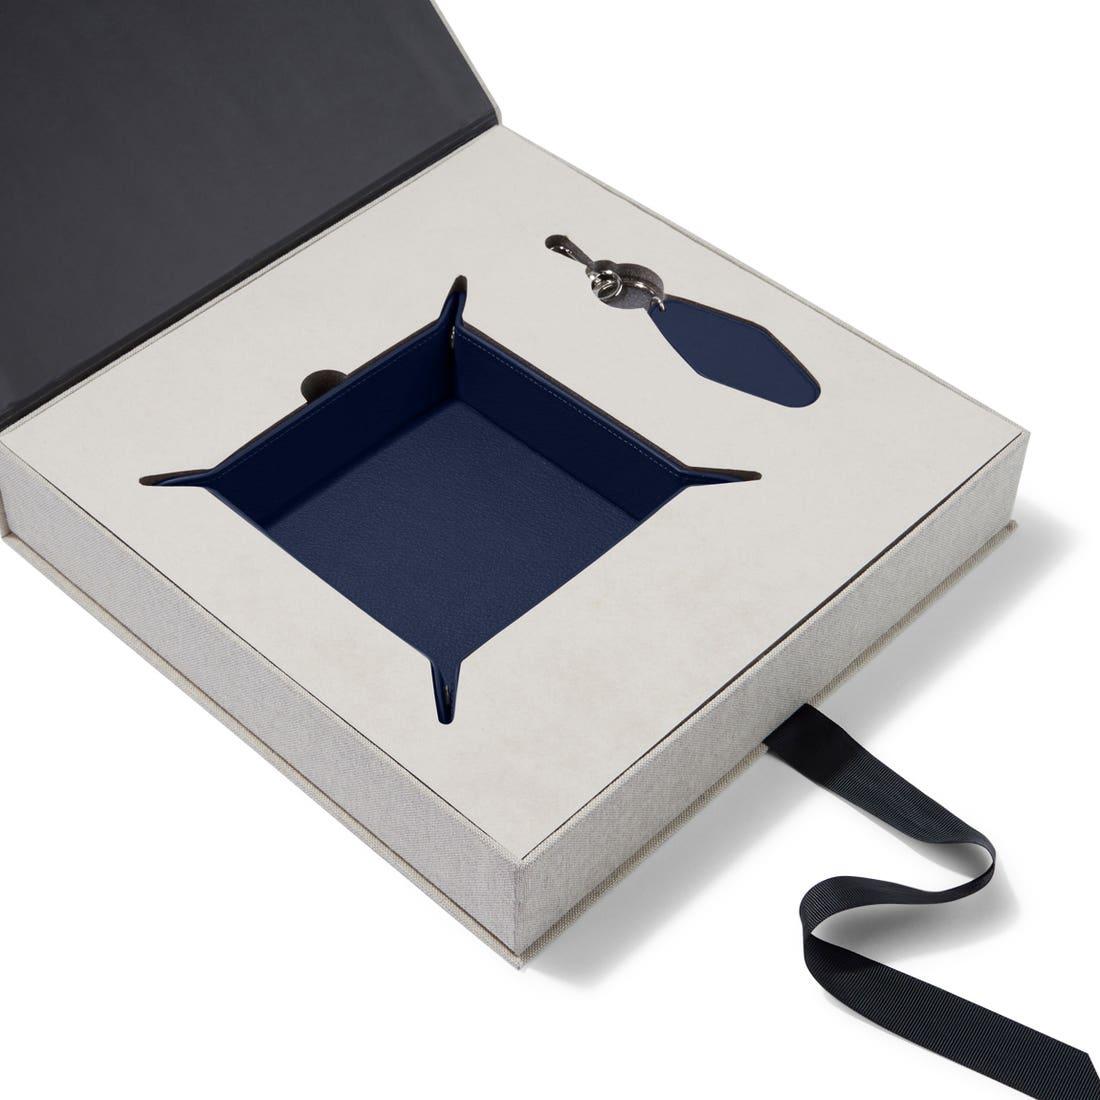 The Valet Gift Set